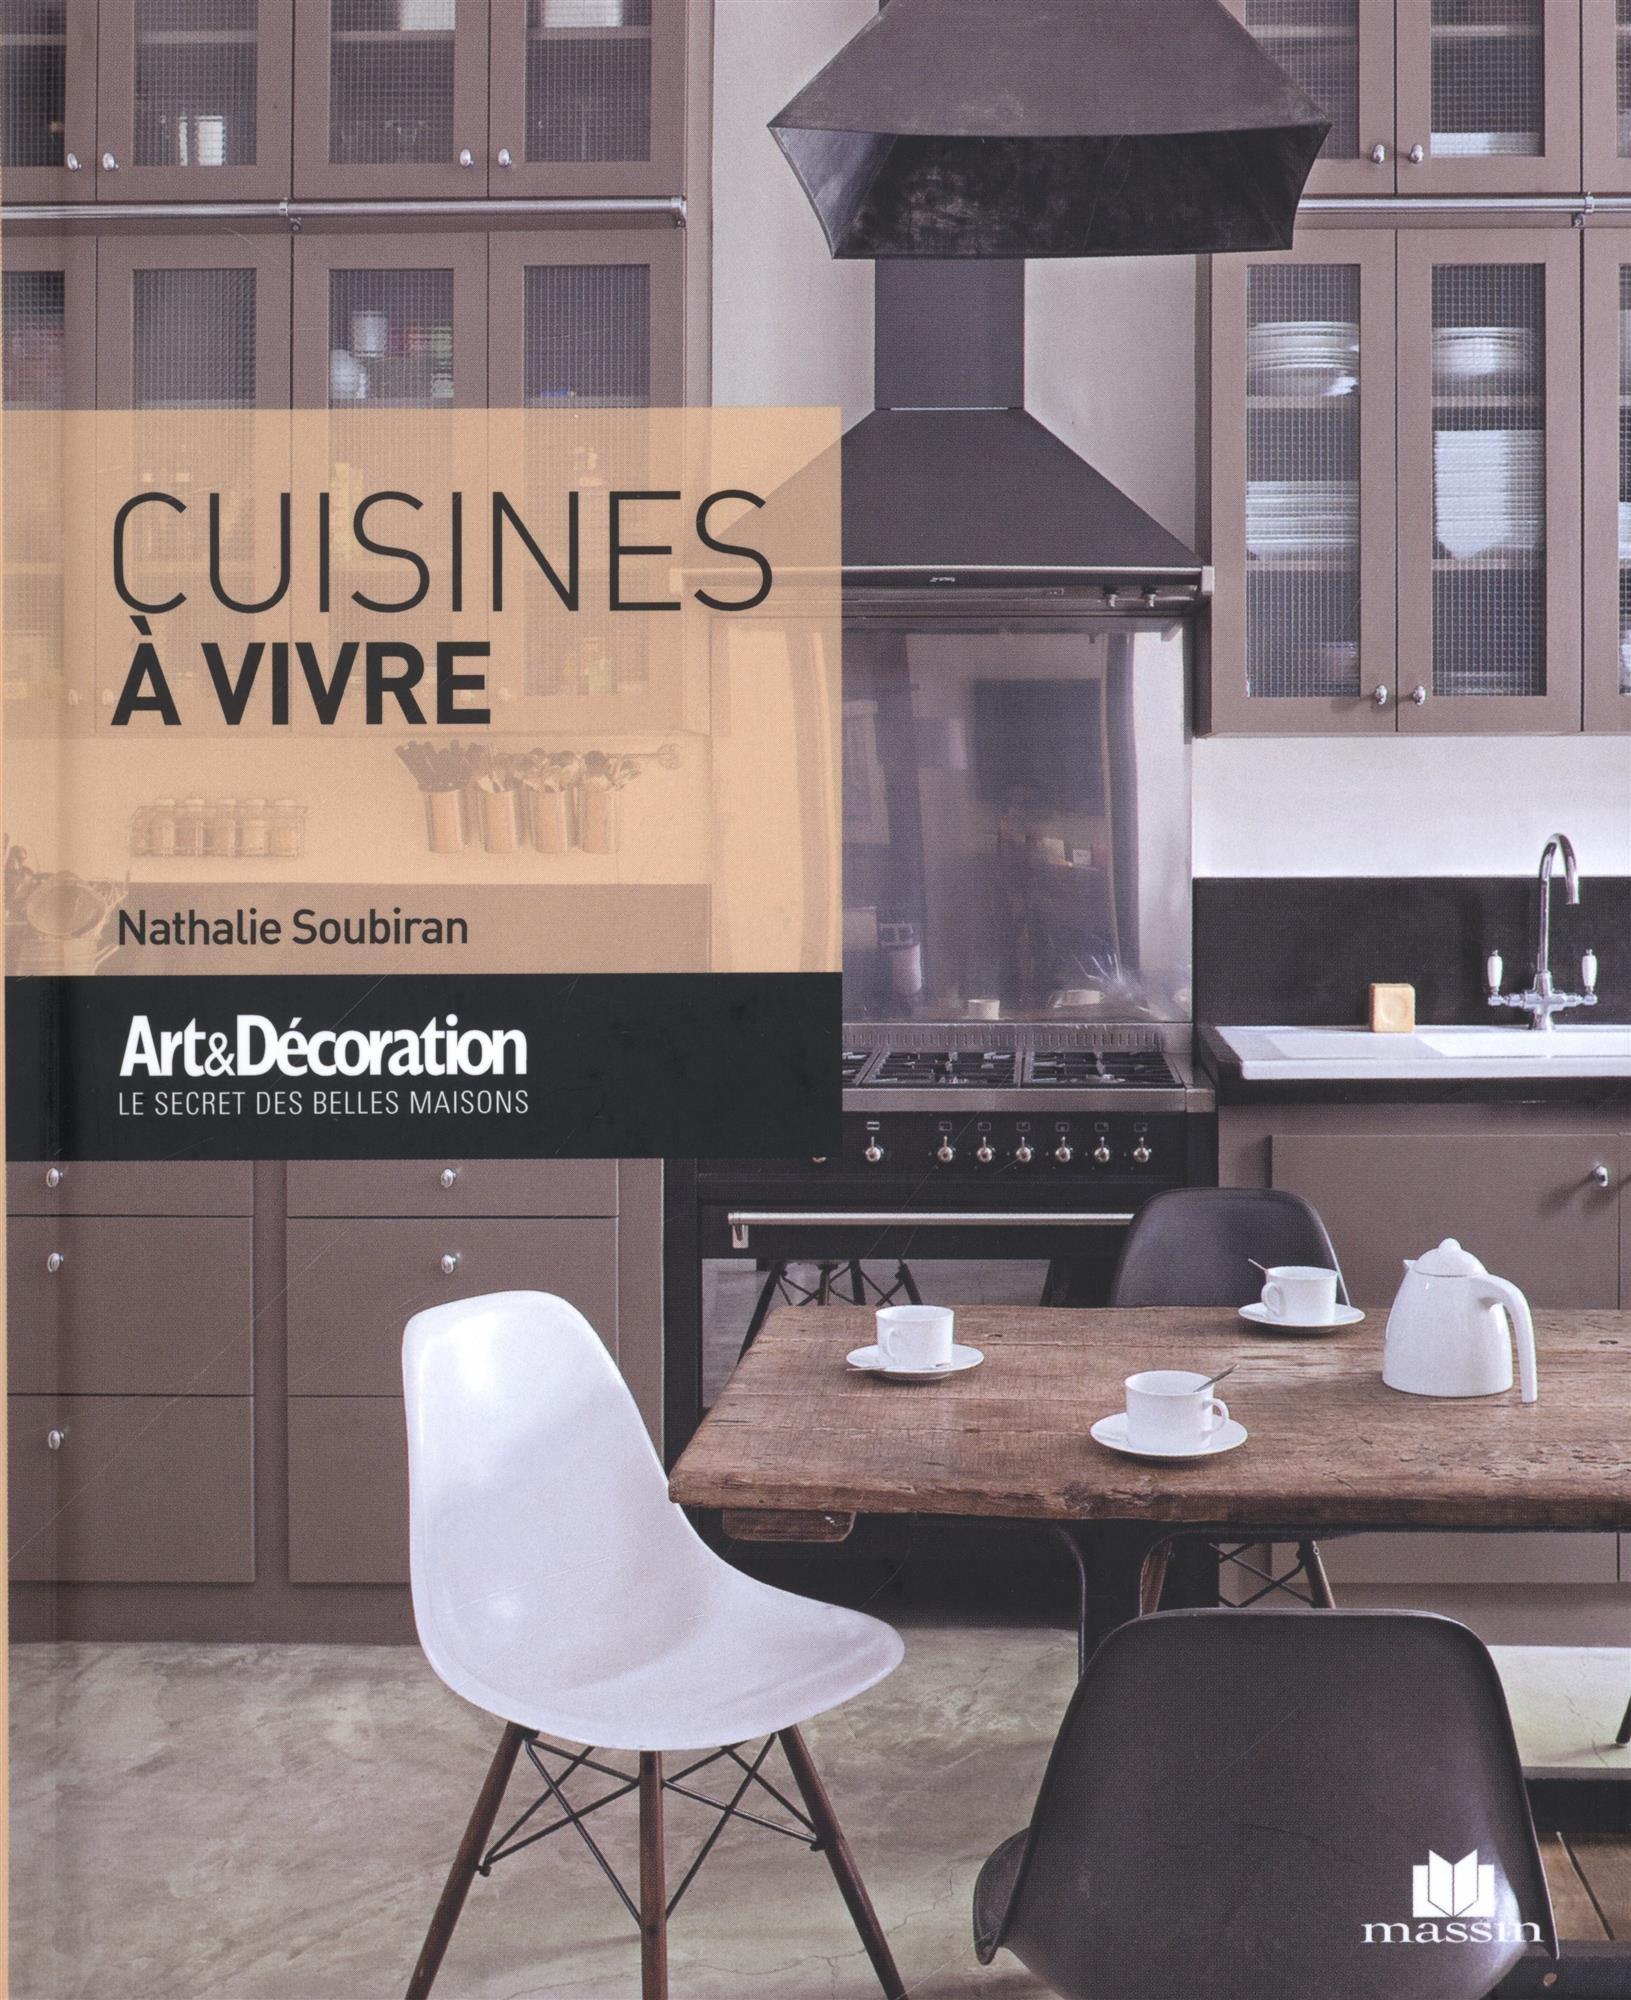 Cuisines A Vivre Poche A D Soubiran Nathalie 9782707210548 Amazon Com Books